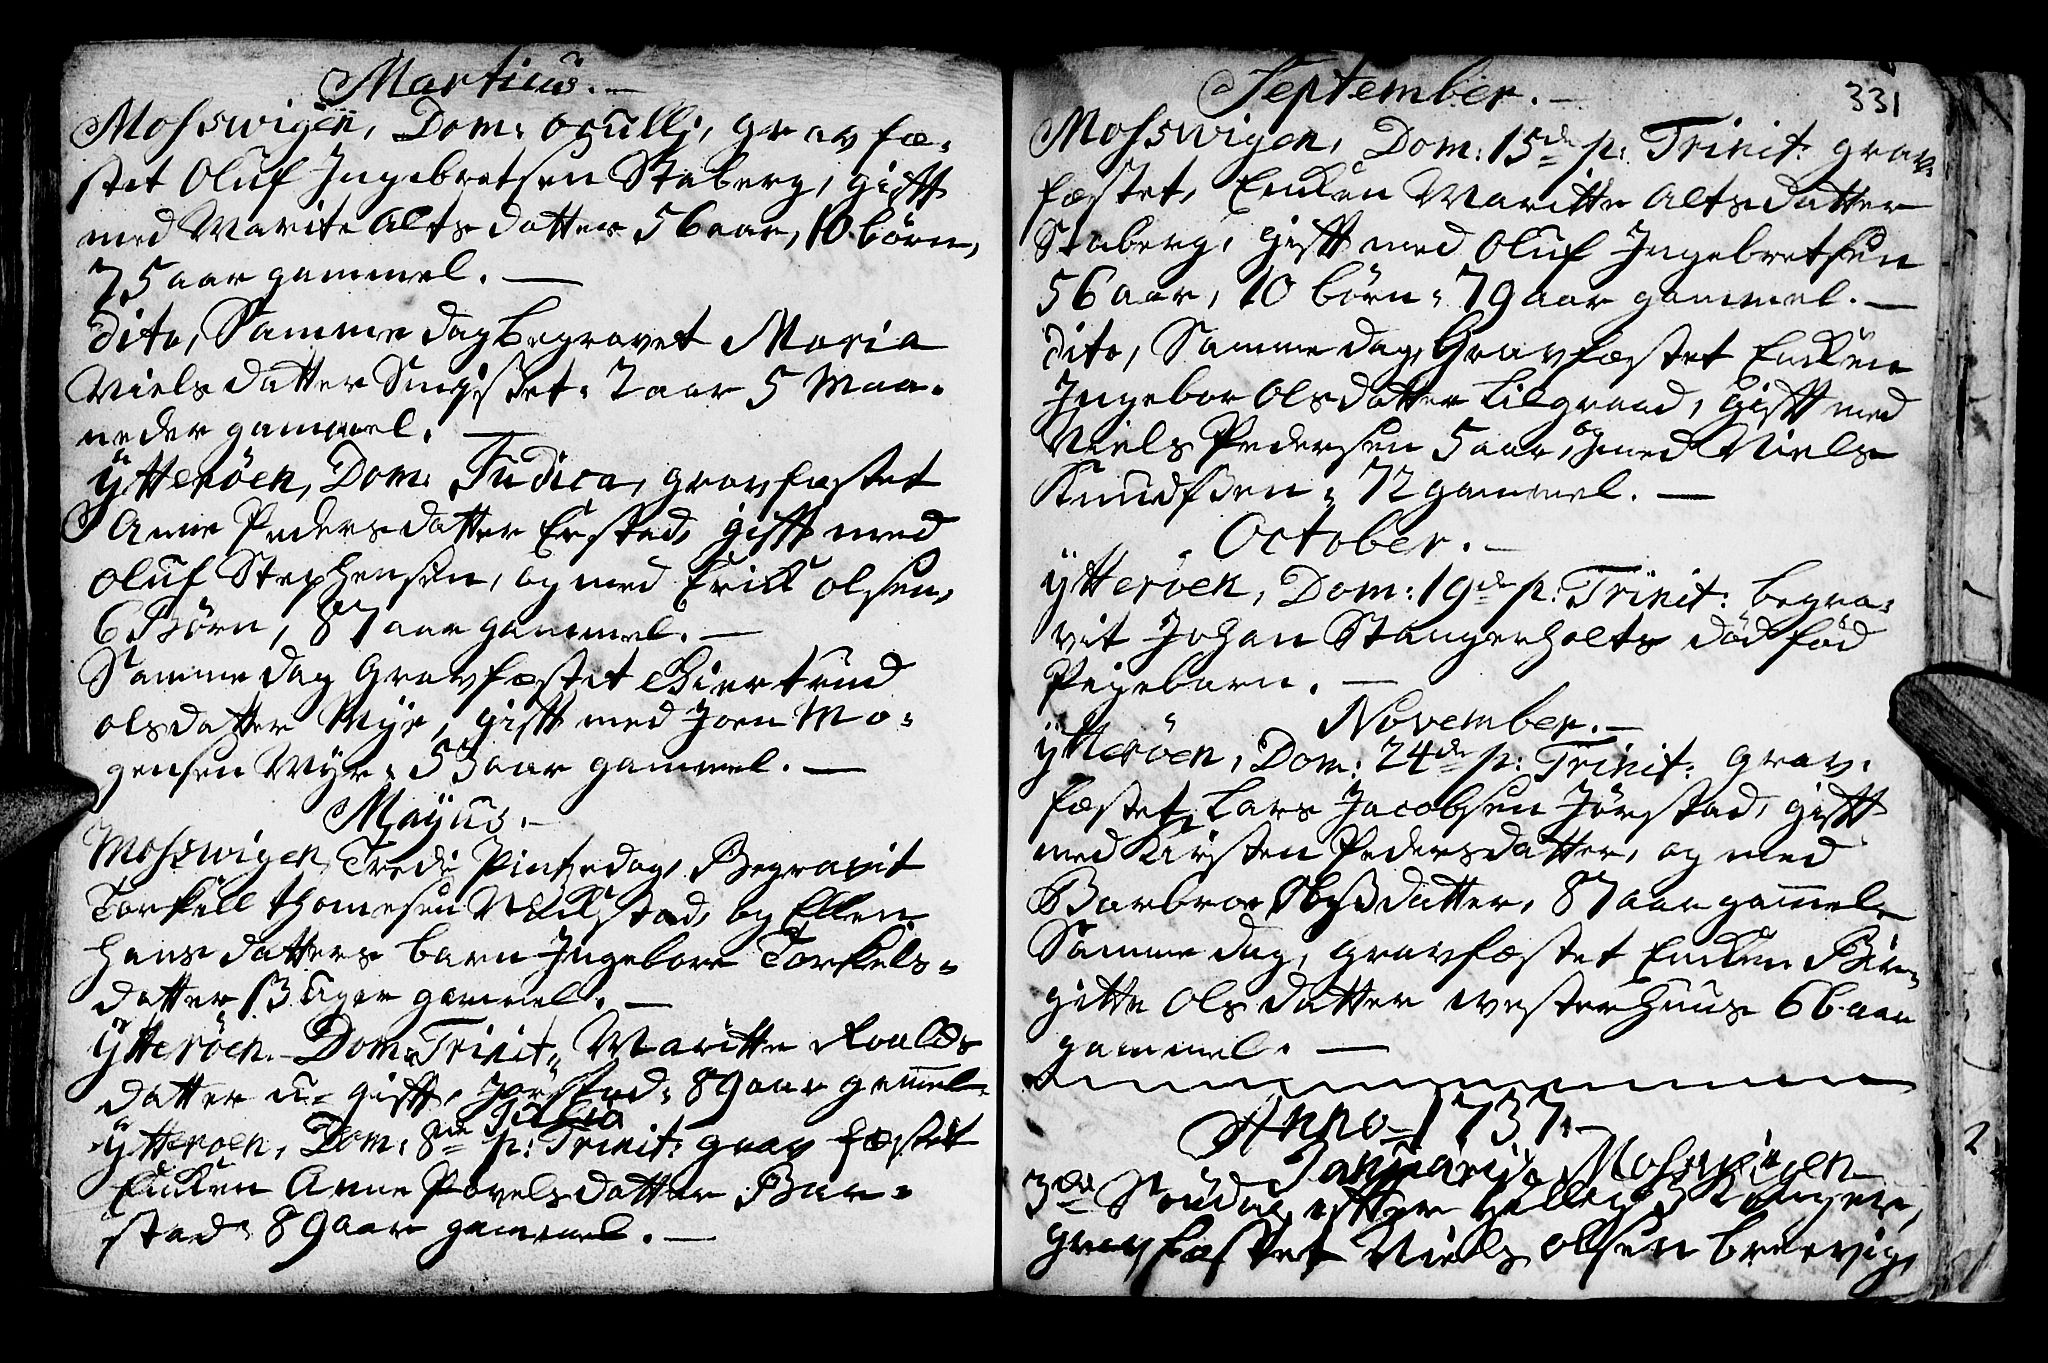 SAT, Ministerialprotokoller, klokkerbøker og fødselsregistre - Nord-Trøndelag, 722/L0215: Ministerialbok nr. 722A02, 1718-1755, s. 331